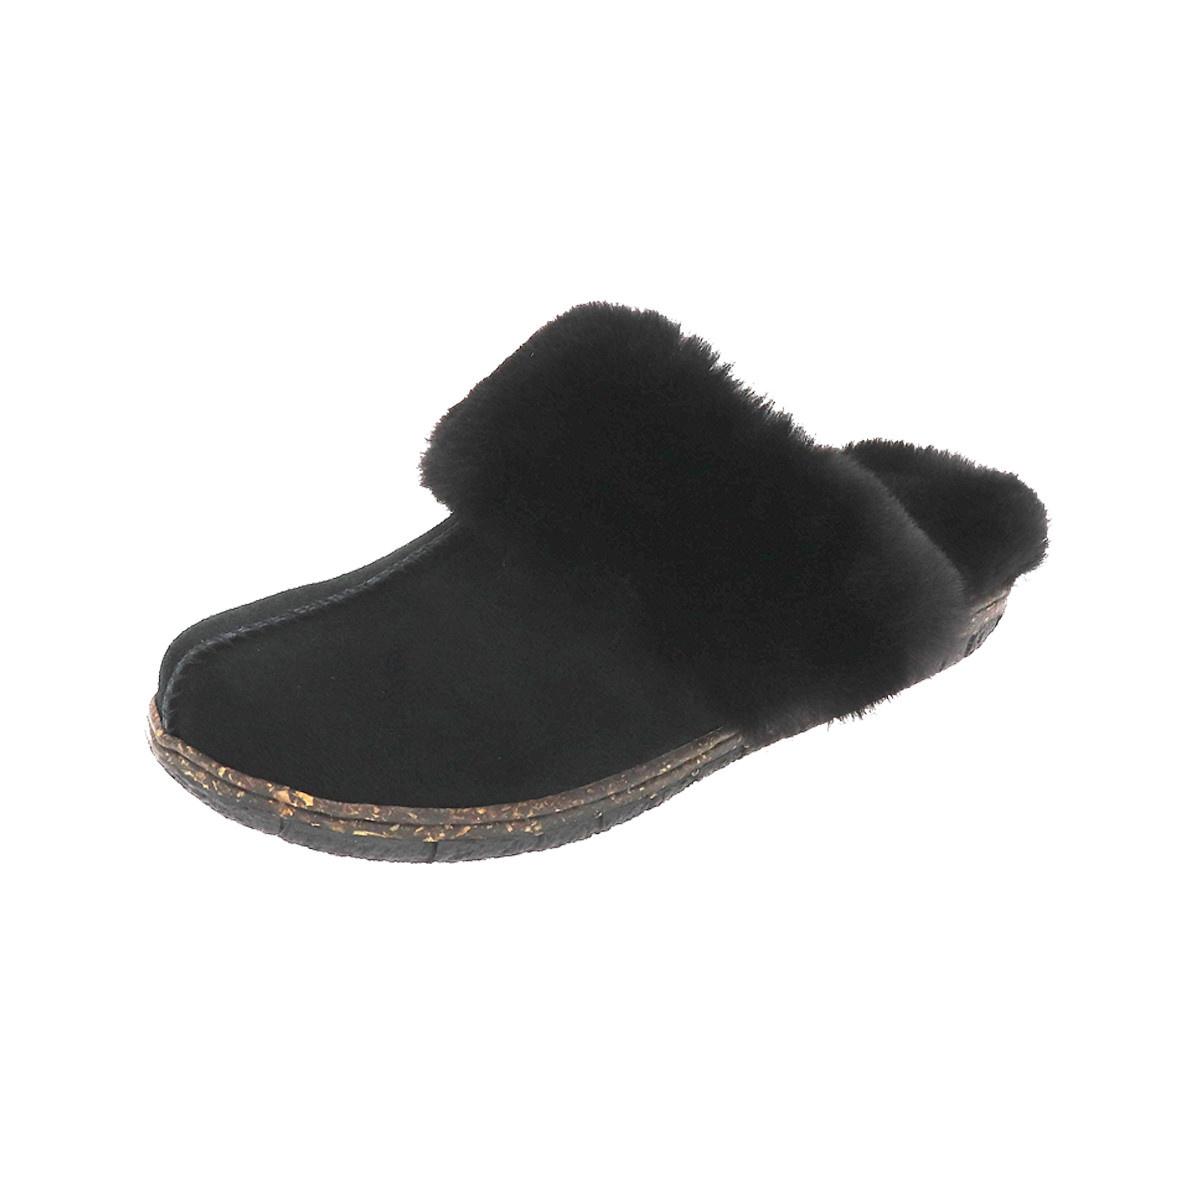 Foamtreads Women's Katrina Slippers